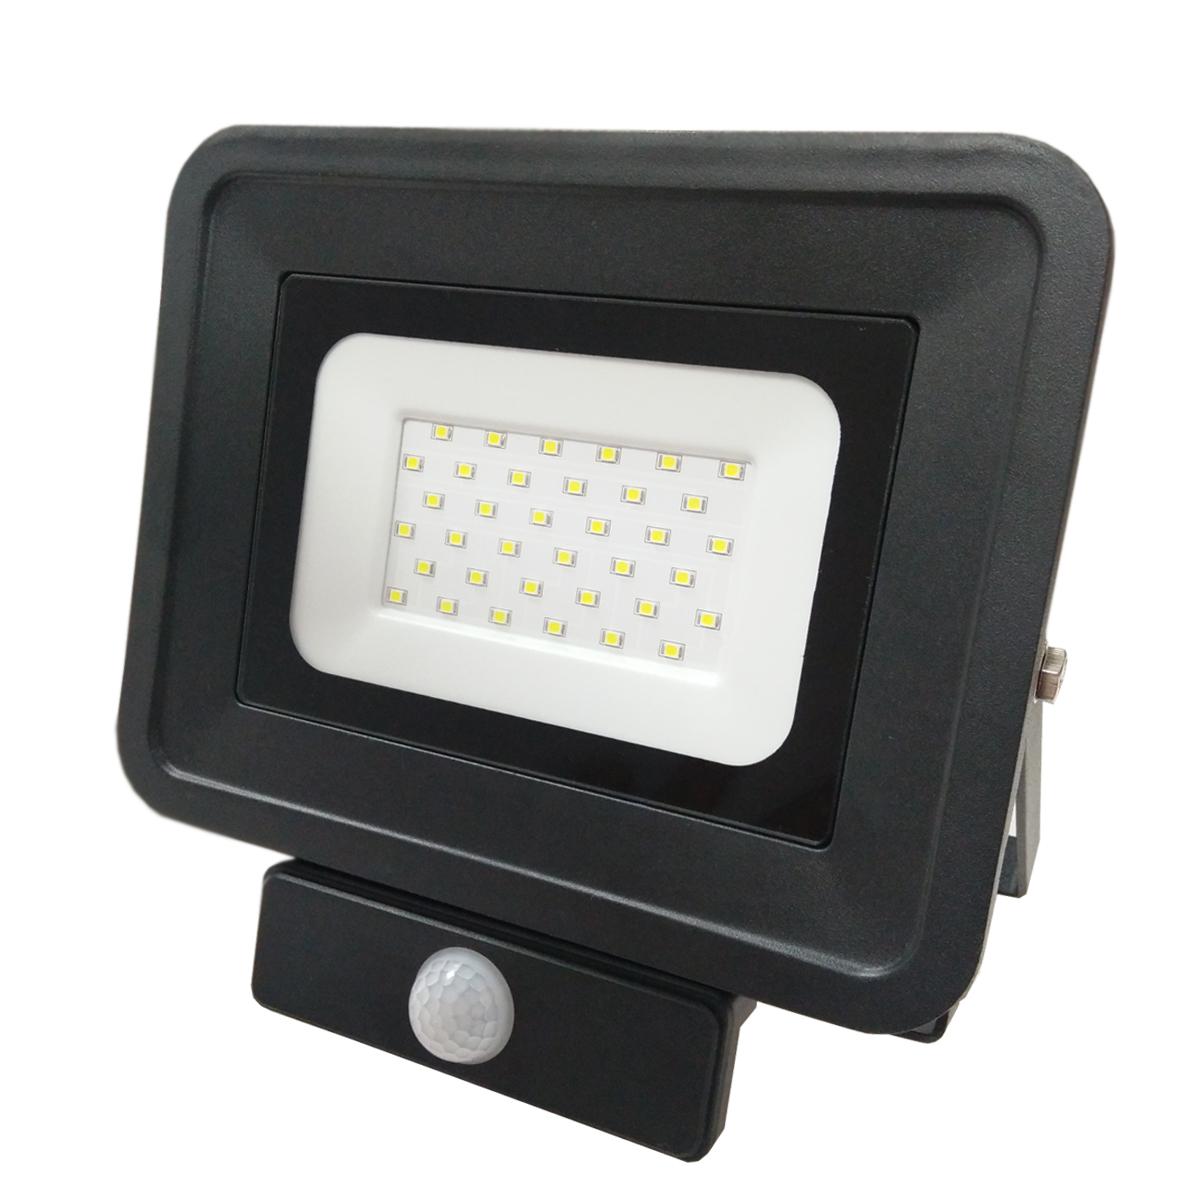 LED venkovní reflektor SMD Classic2 PIR černý 50W studená bílá